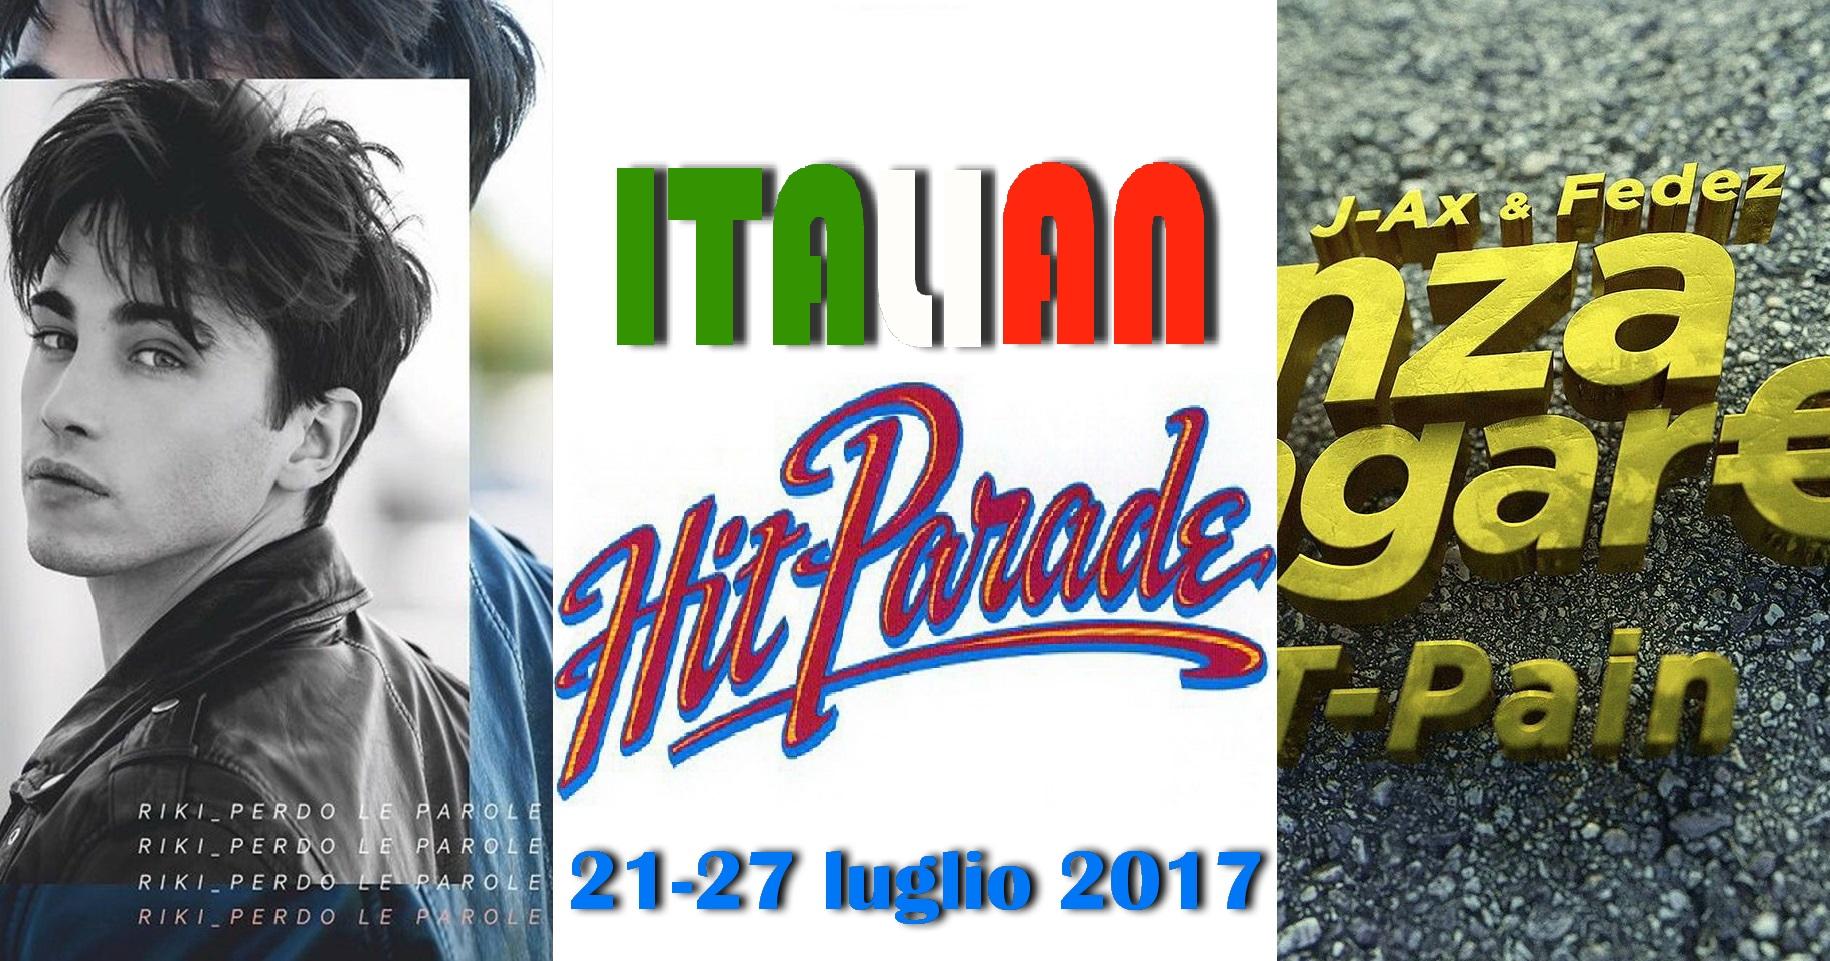 Hit Parade 28-07-17 Thegiornalisti